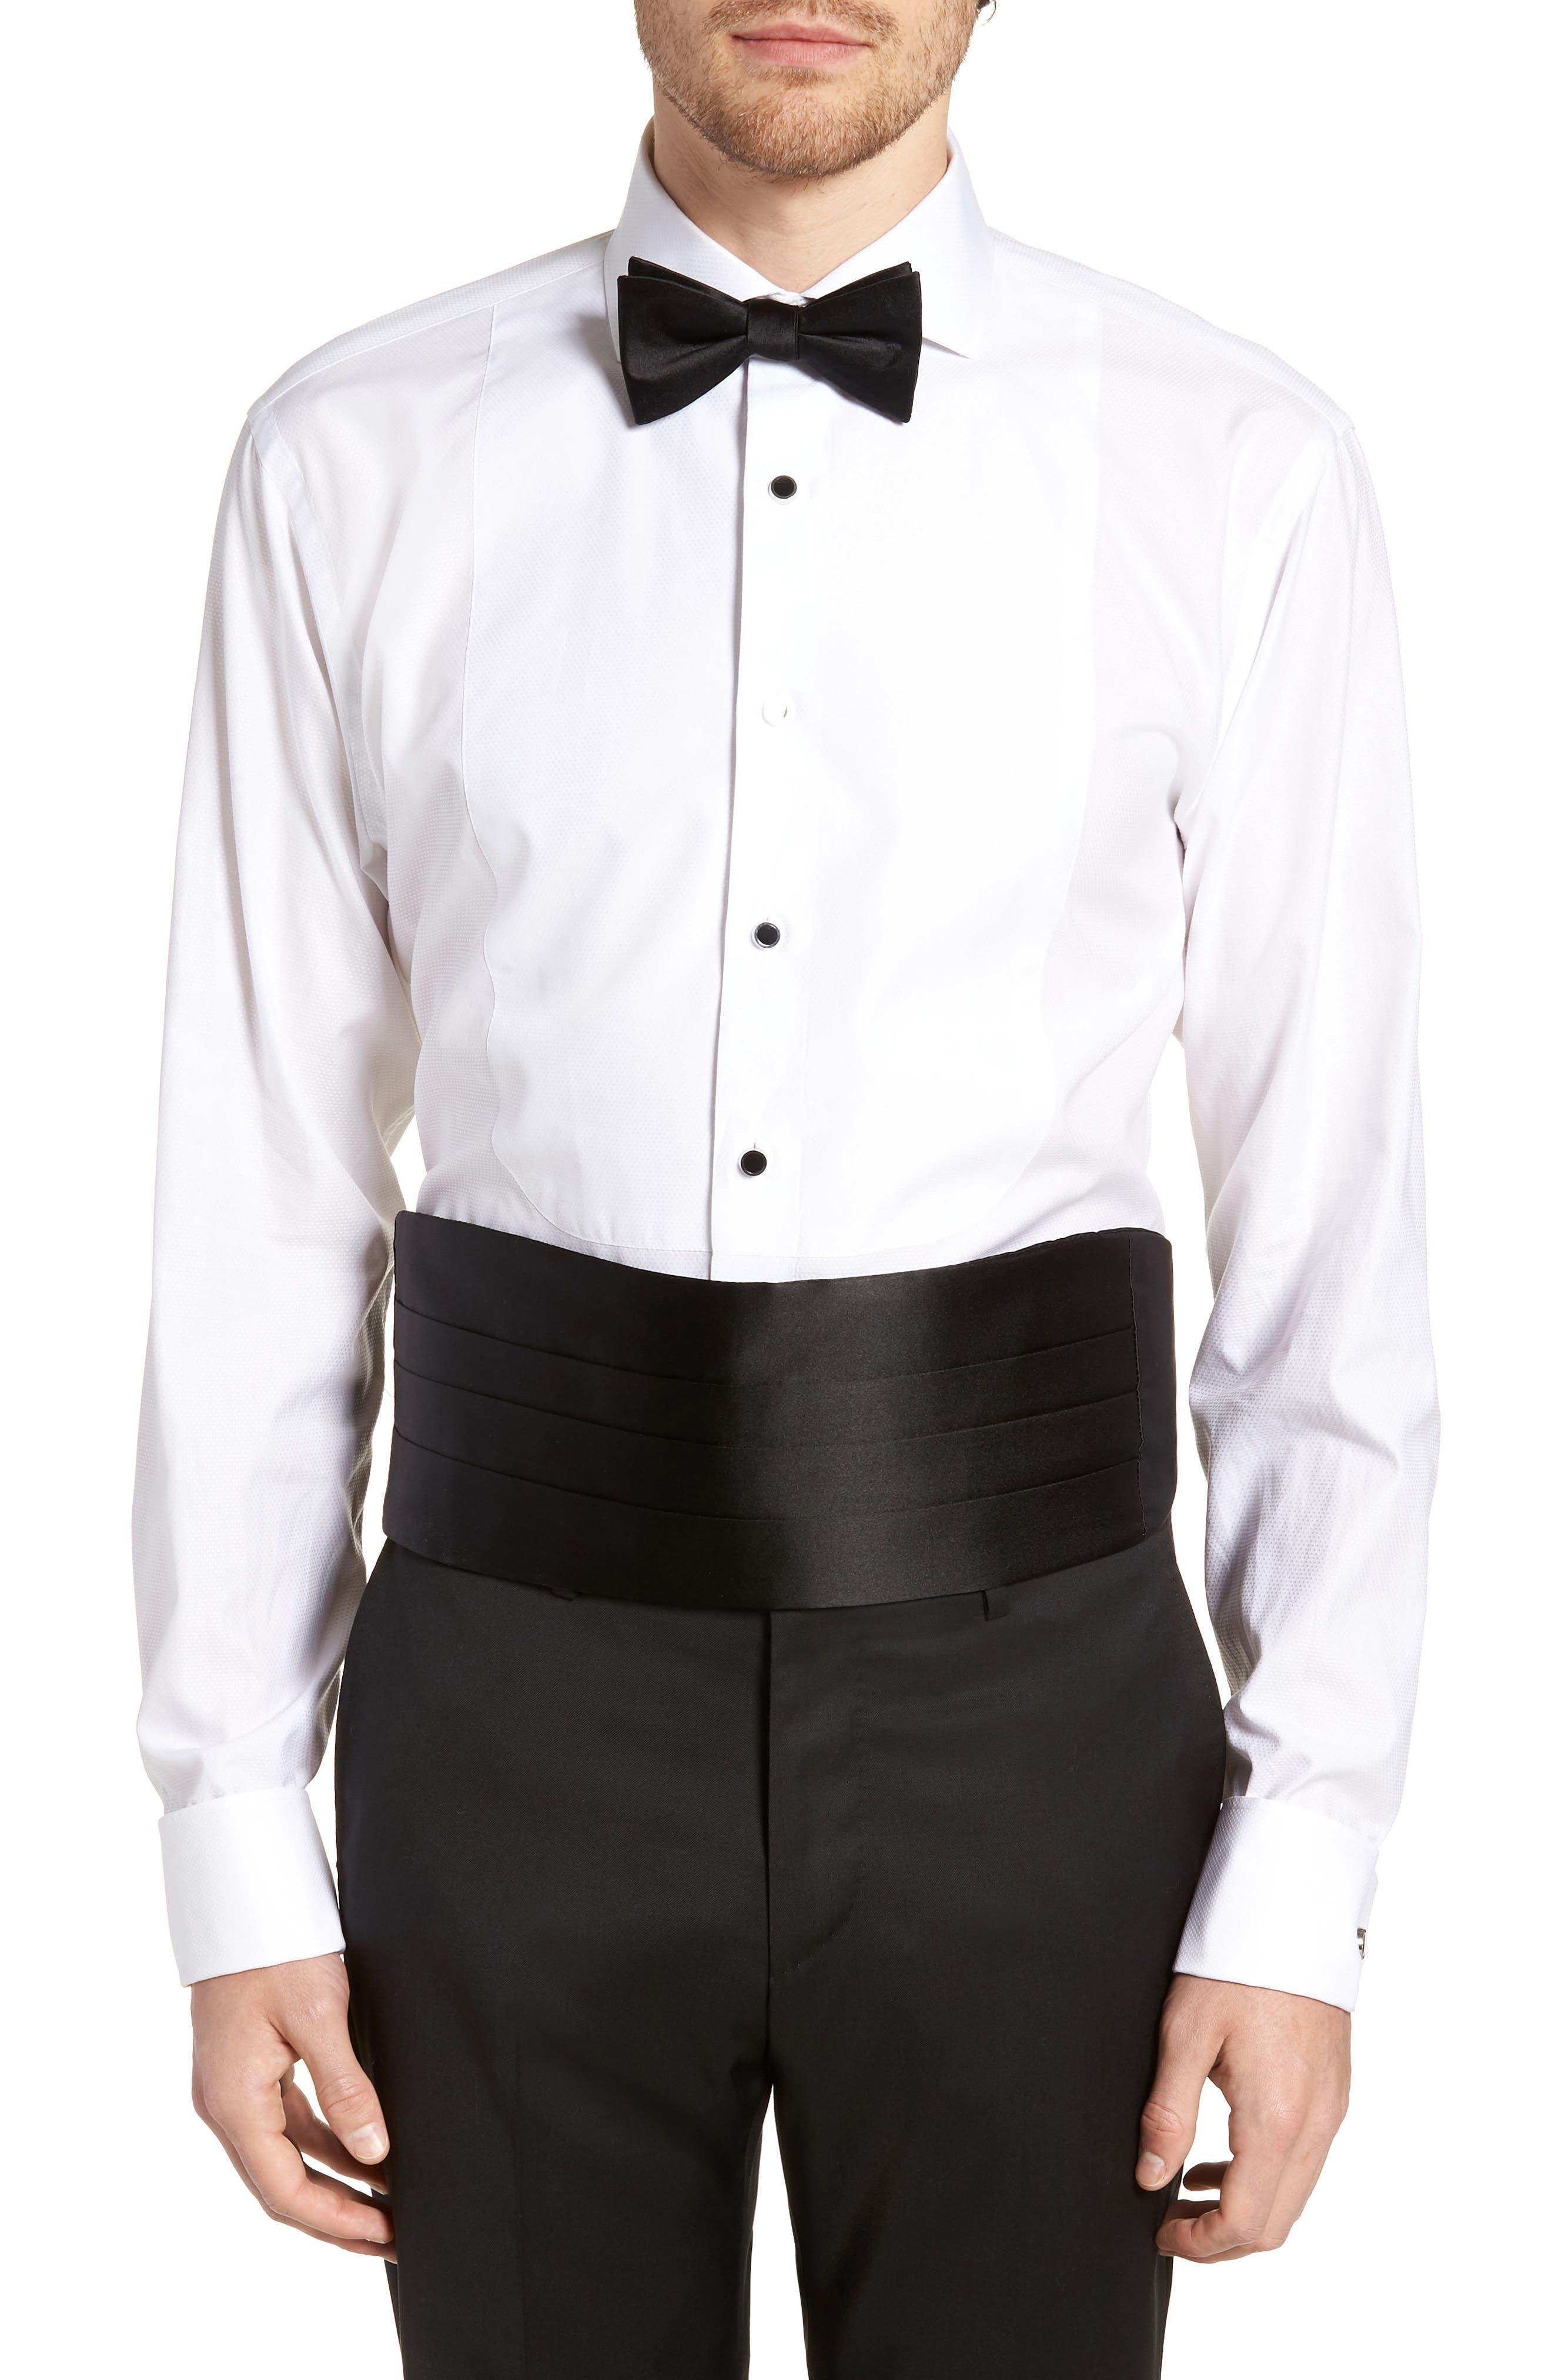 Nordstrom Men's Shop Silk Cummerbund & Pre-Tied Bow Tie Set